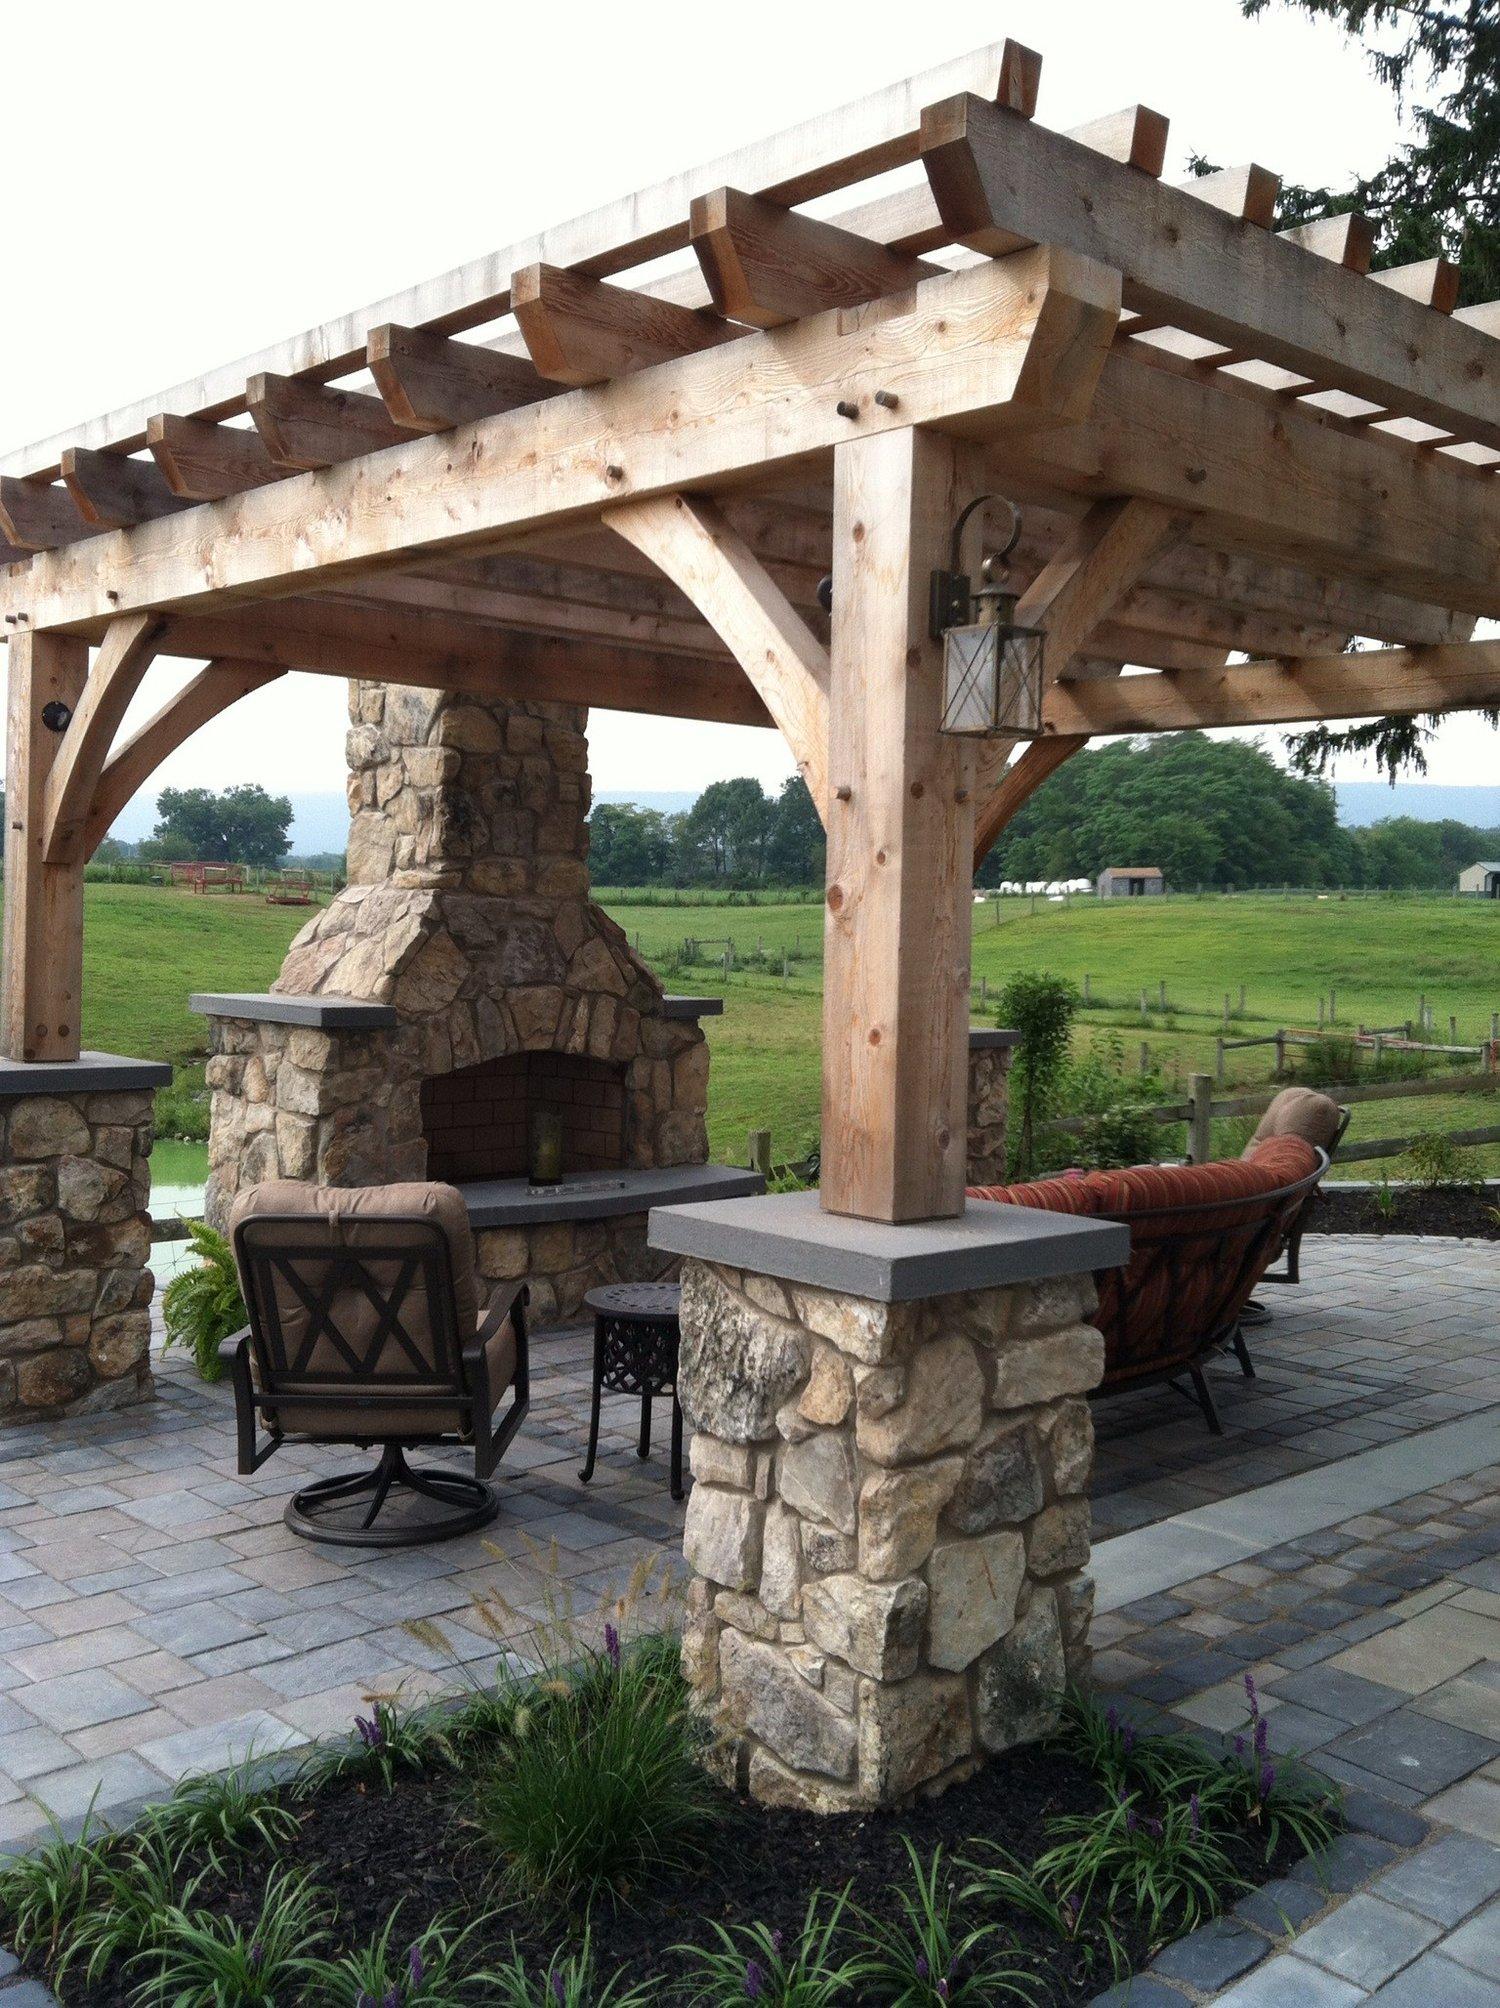 Professional landscape design company in Schuylkill County, PA ...